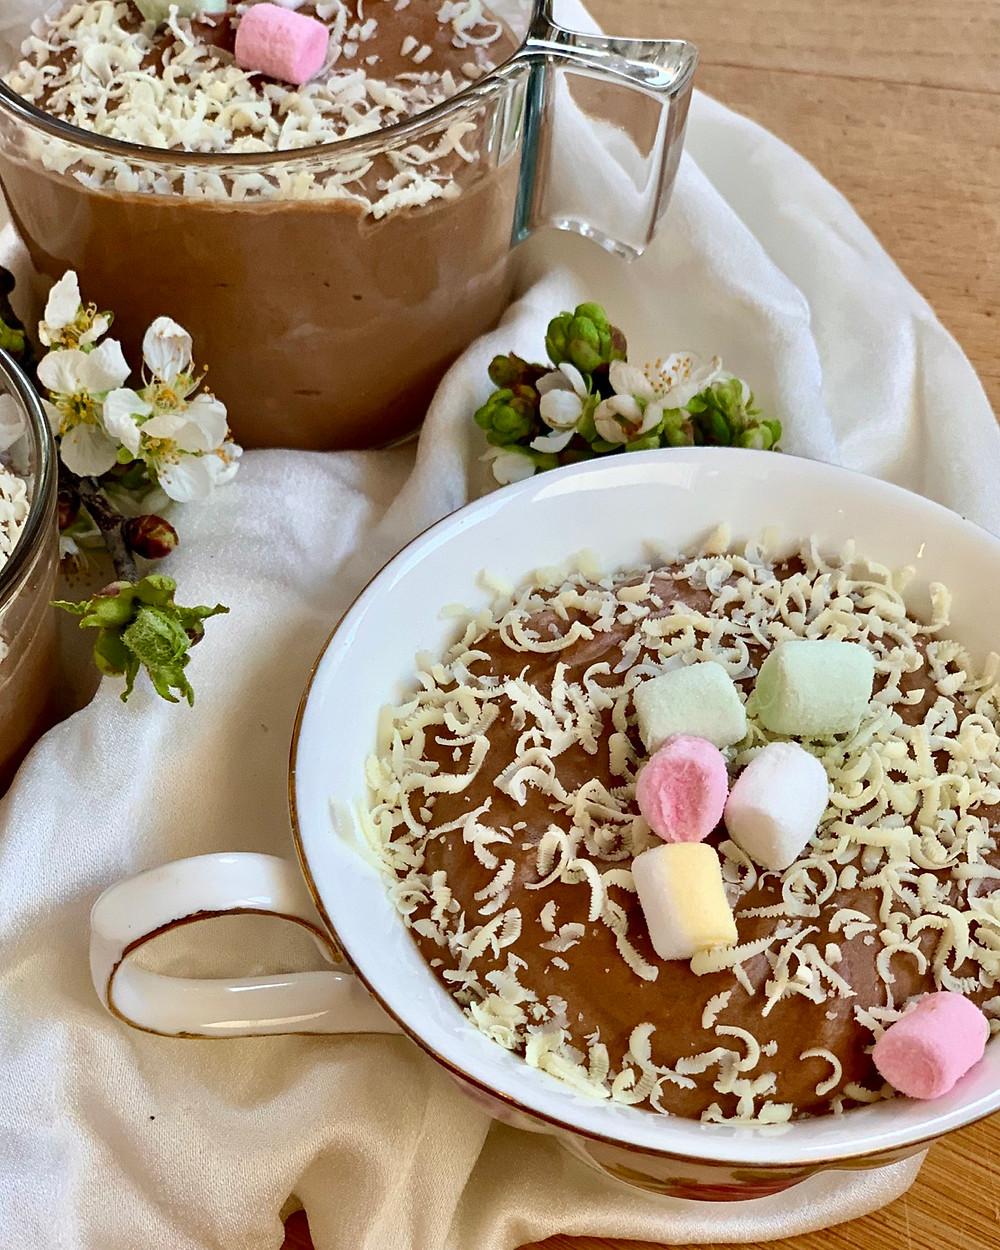 Chocolate mousse , helenine čarovnije, čokoladni mousse, čokoladna sladica, hitra sladica, enostavna sladica, kosilo, velika noč